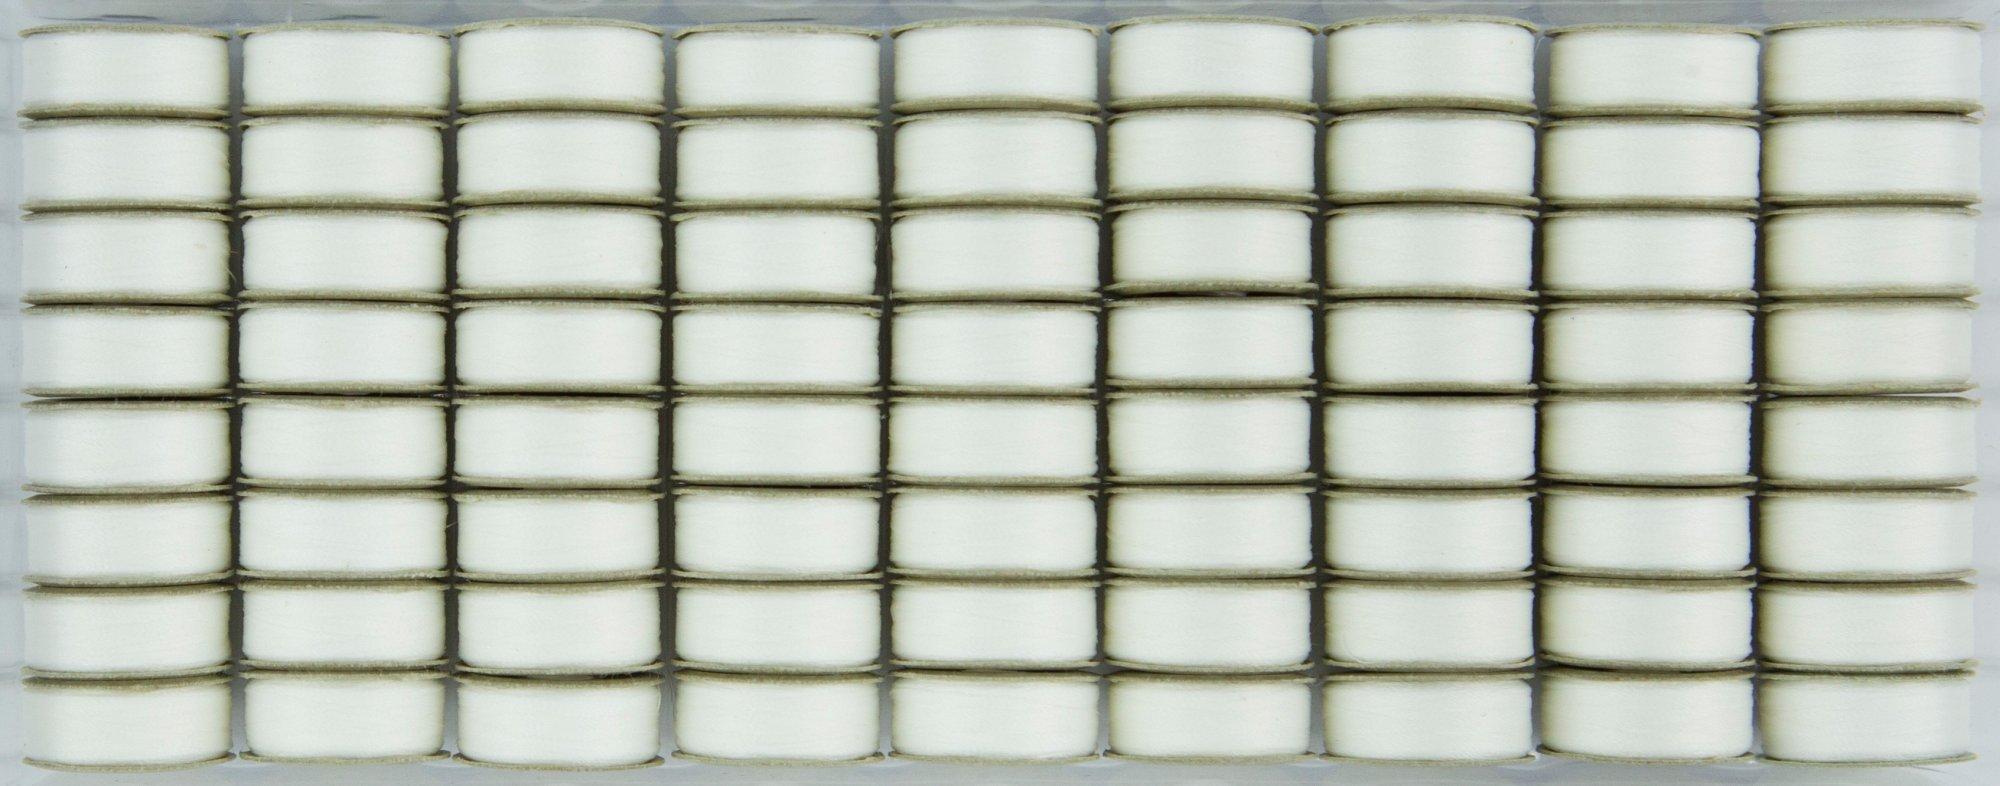 Bobbin L Style Prewound SuperBobs Lace White 72ct